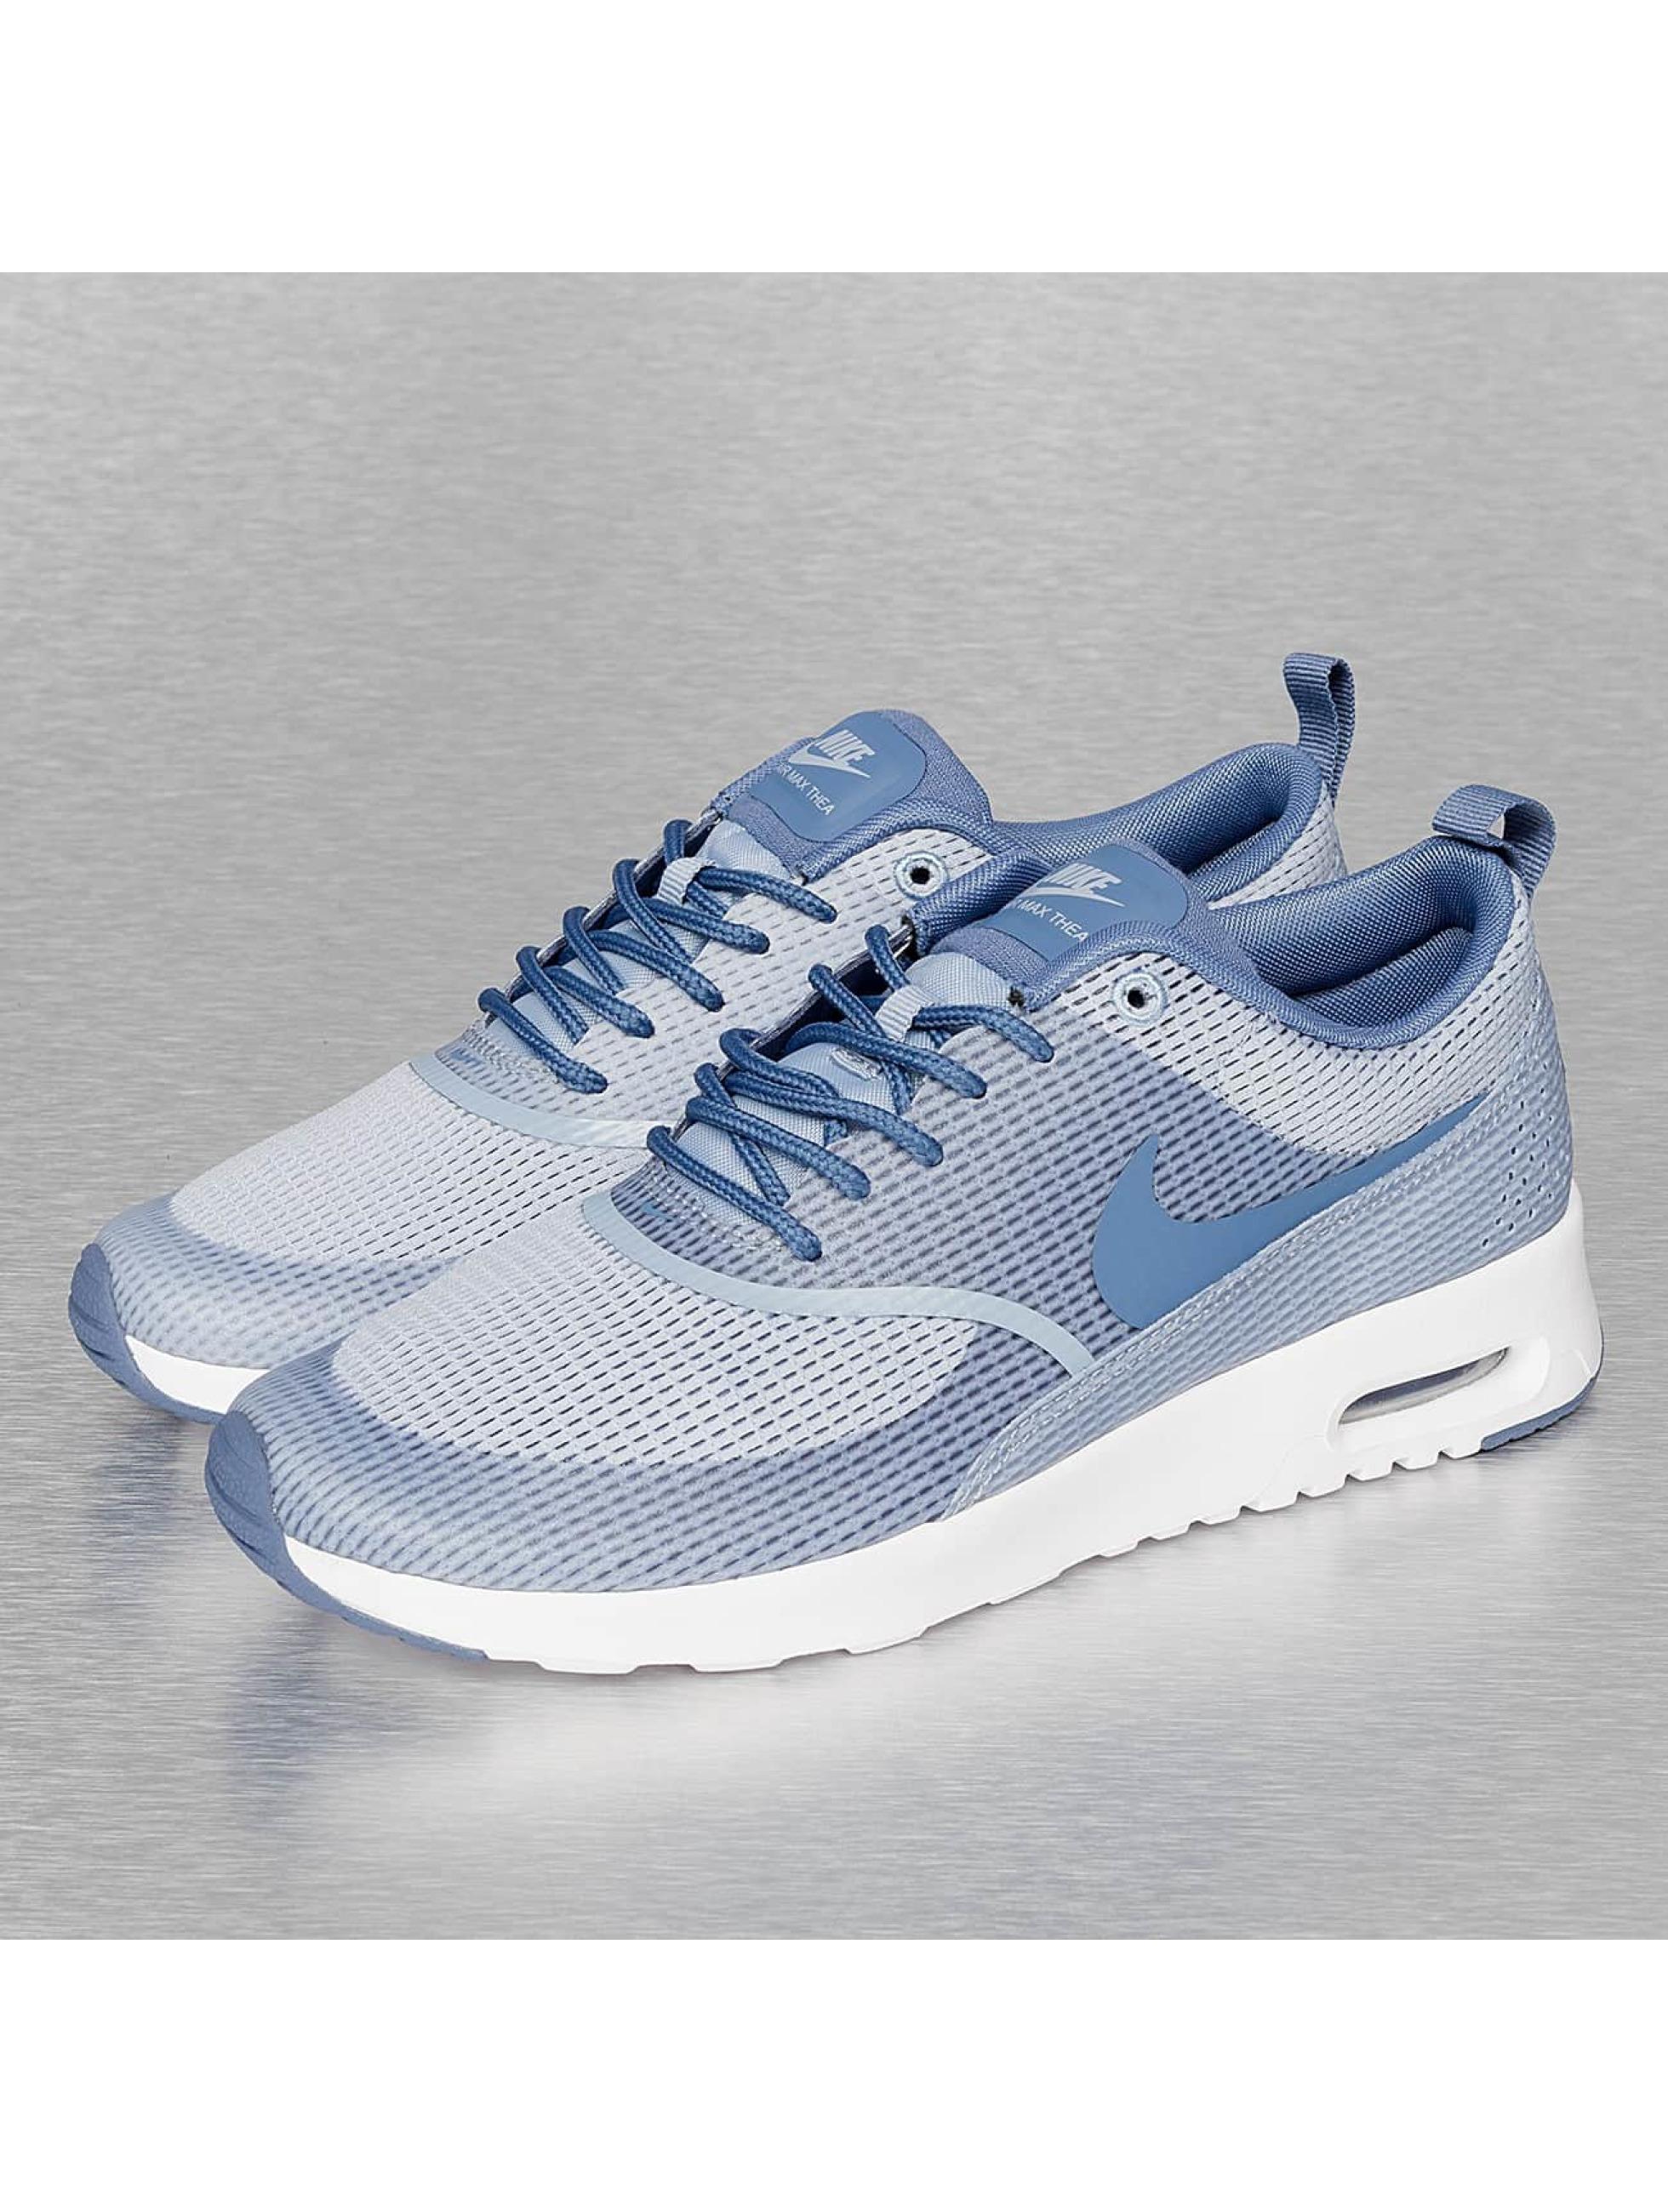 Nike Air Max Thea Blau